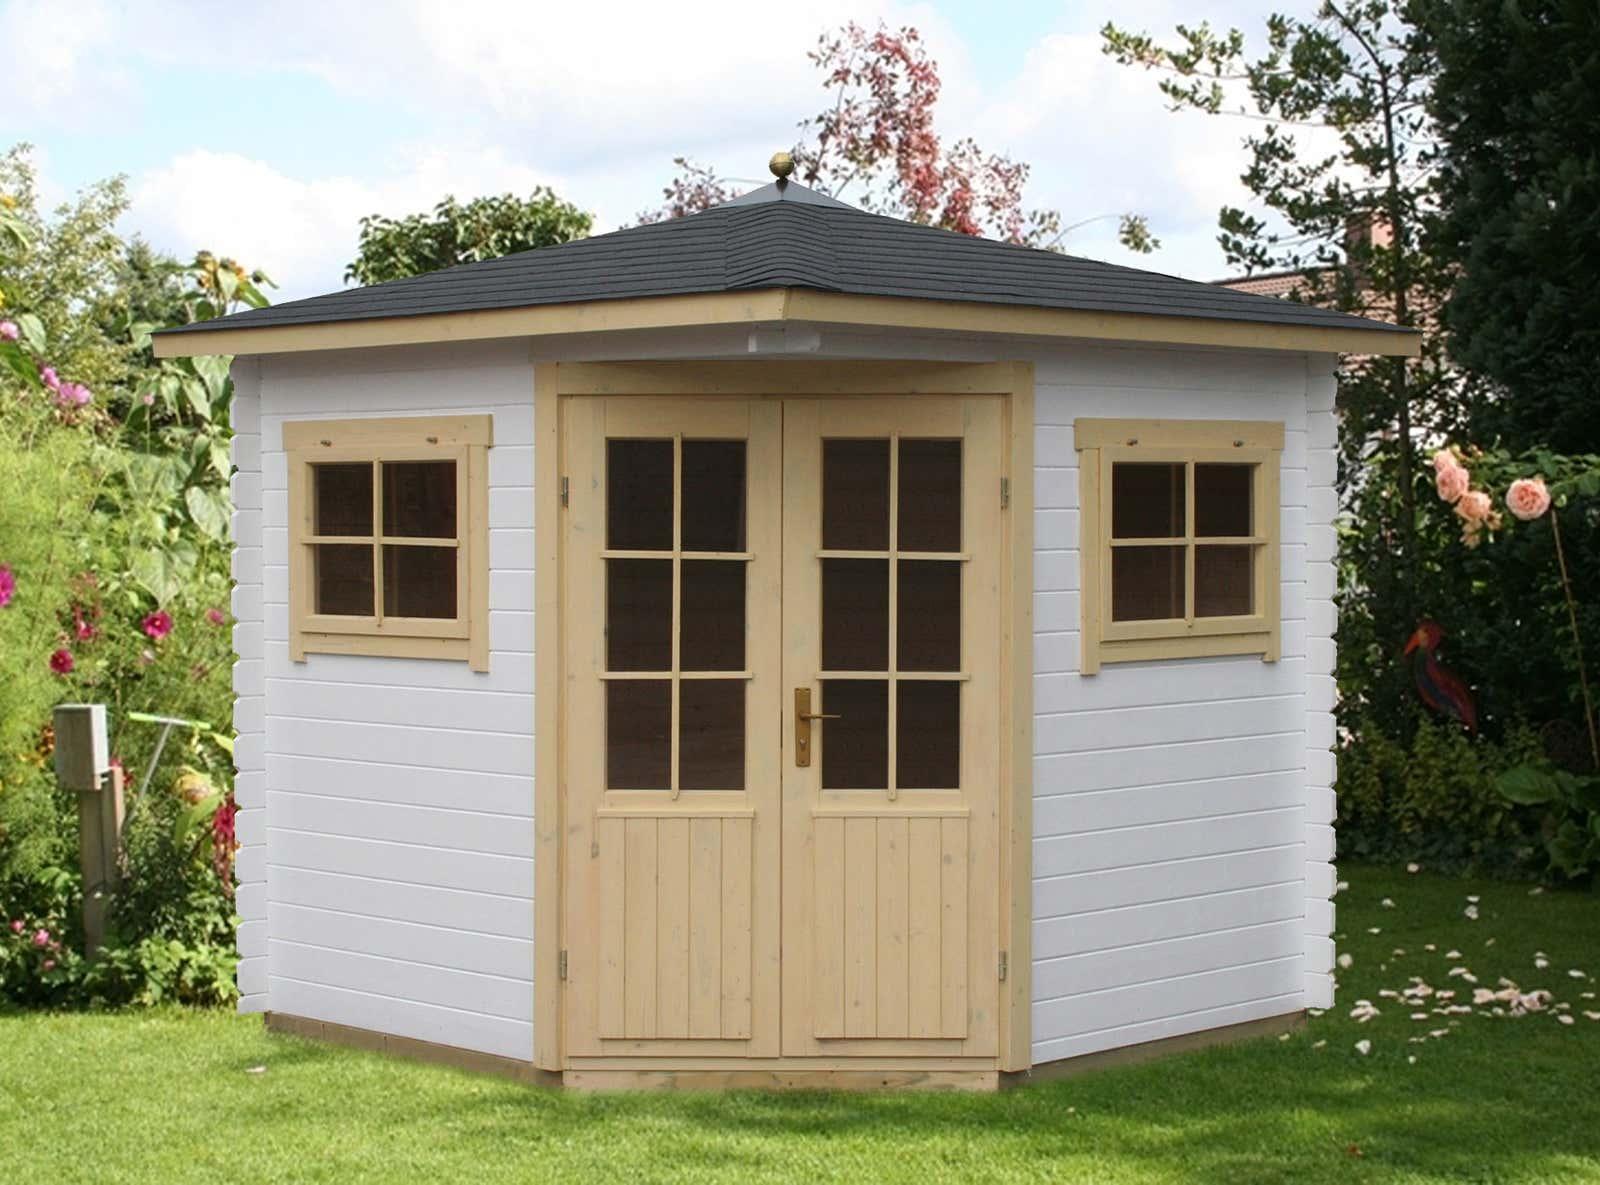 5 eck gartenhaus modell sunny a a z gartenhaus gmbh. Black Bedroom Furniture Sets. Home Design Ideas